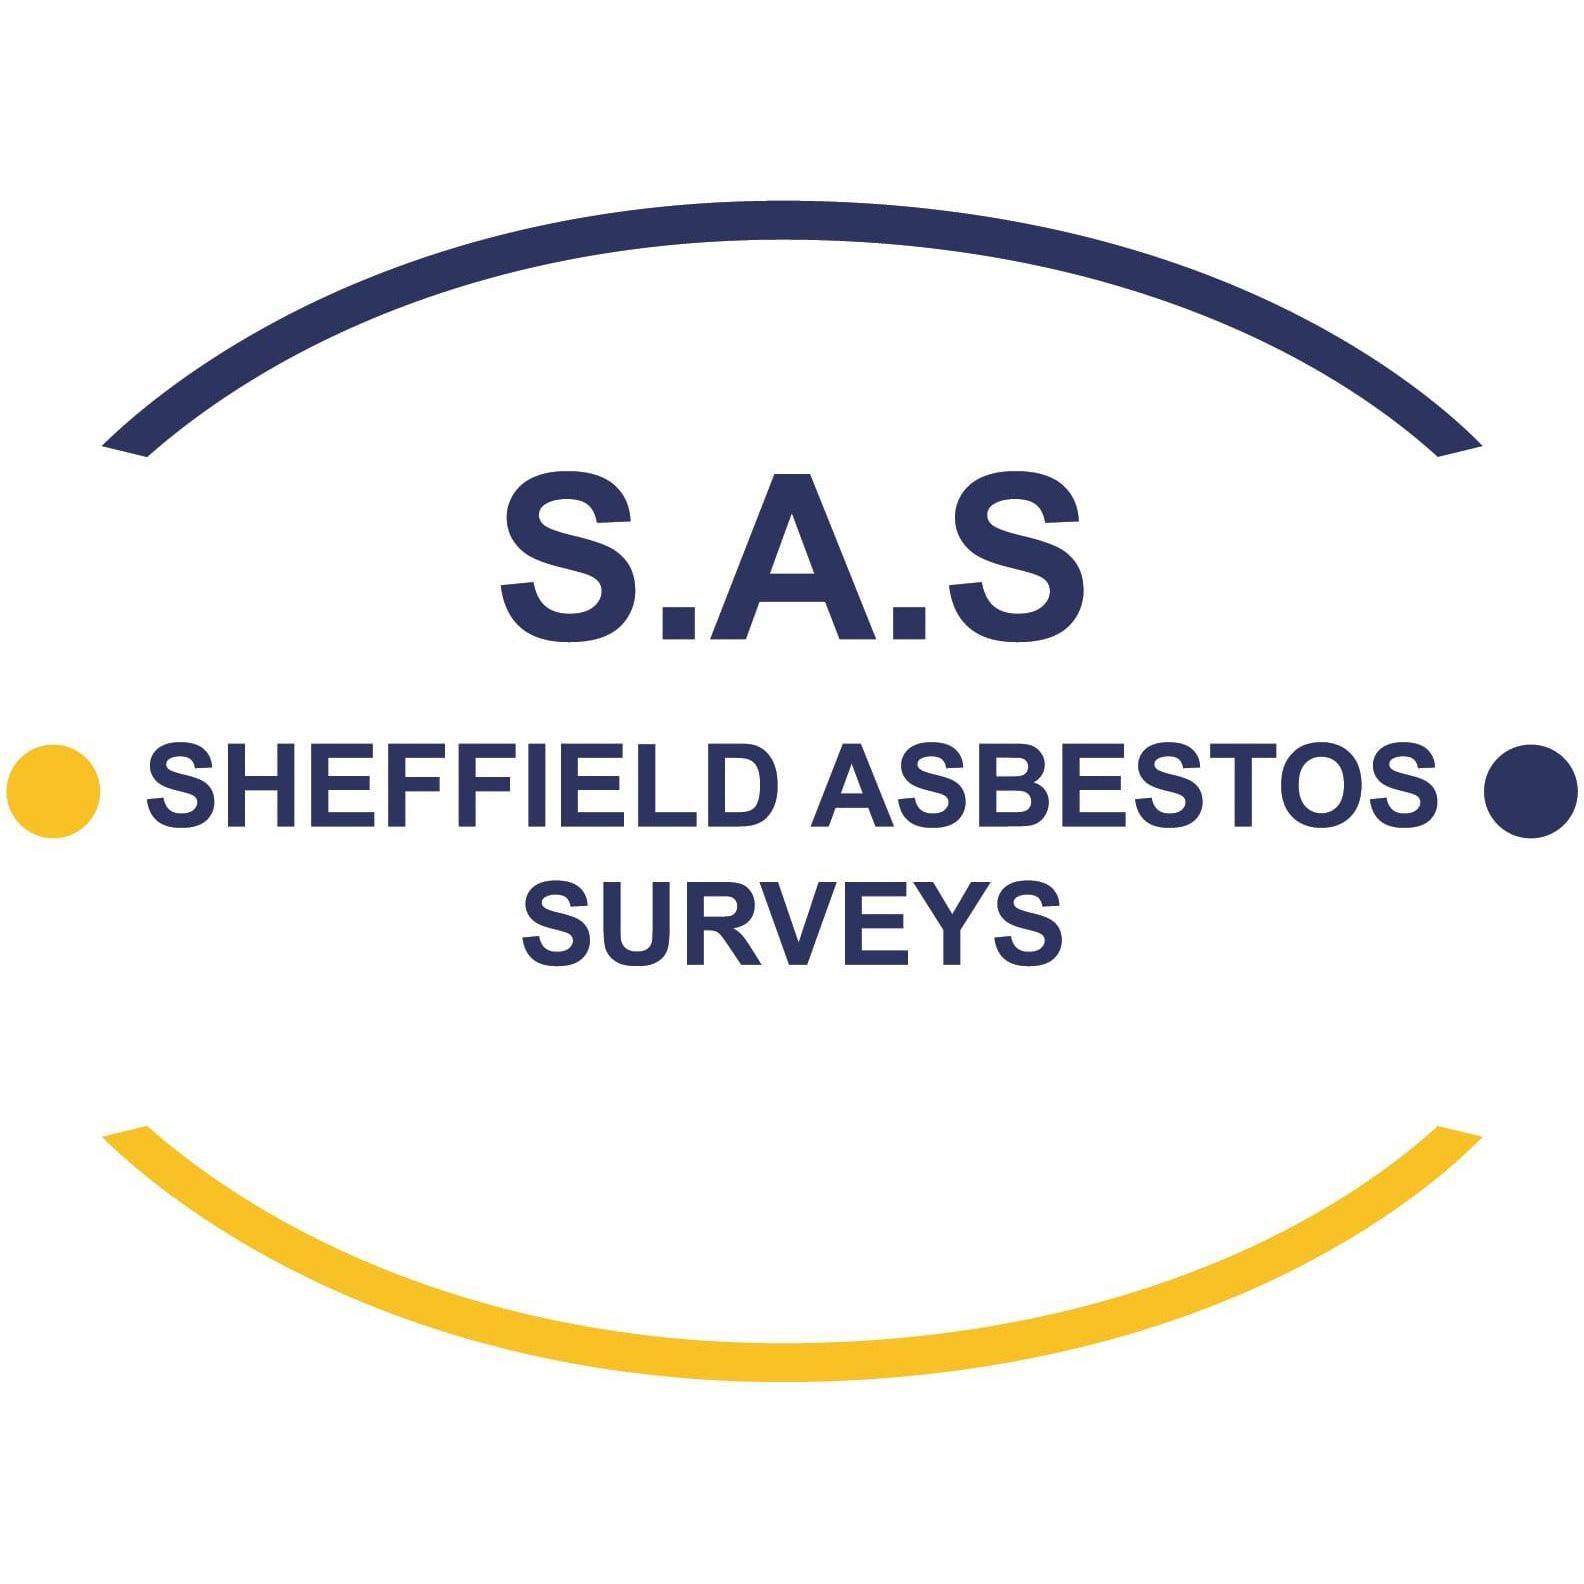 Sheffield Asbestos Surveys